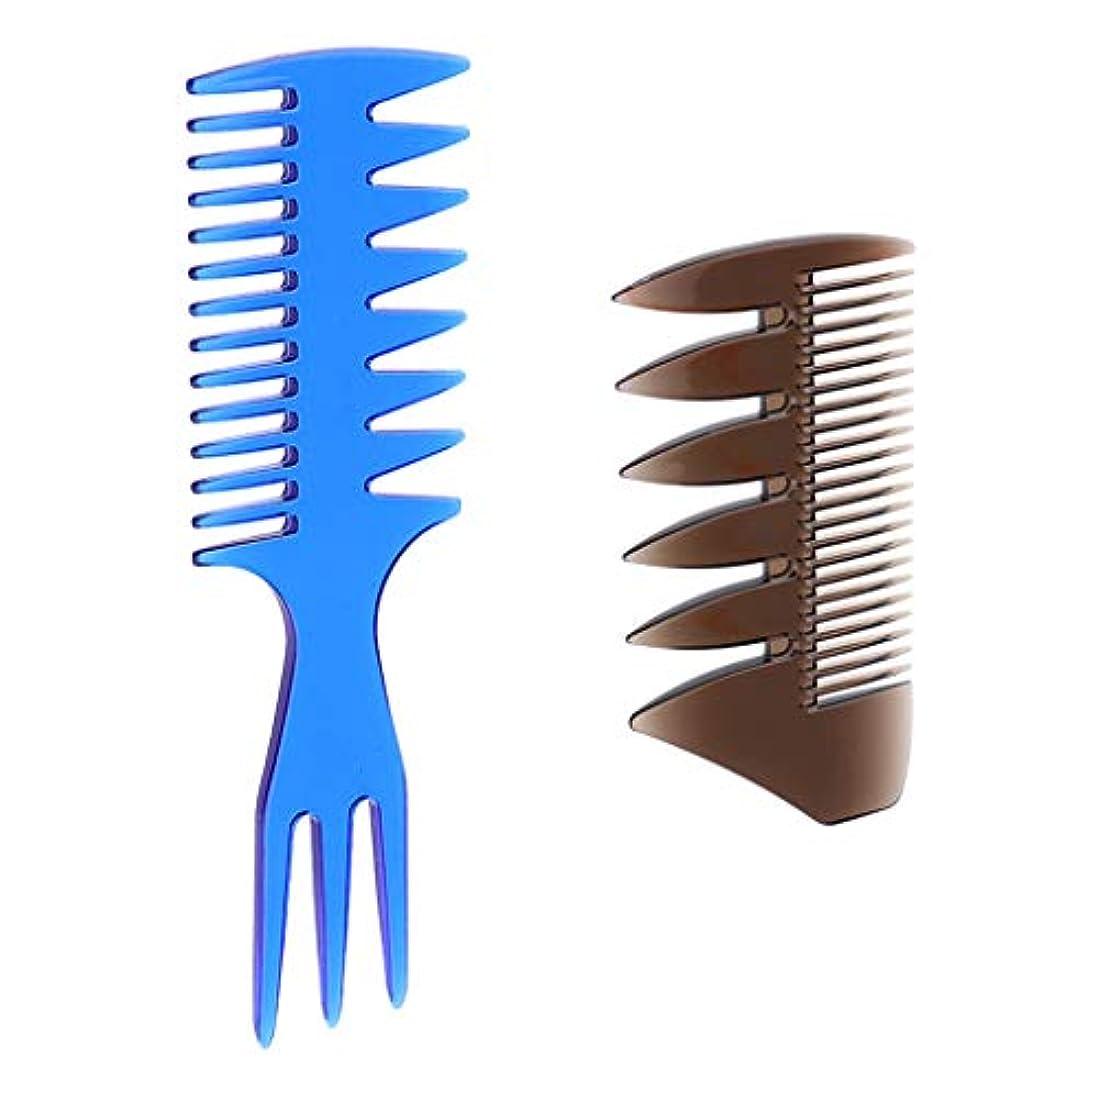 証書チキン自治的3-in-1櫛 2-in-1櫛 ヘアサロン 髪の櫛 静電気防止櫛 2個